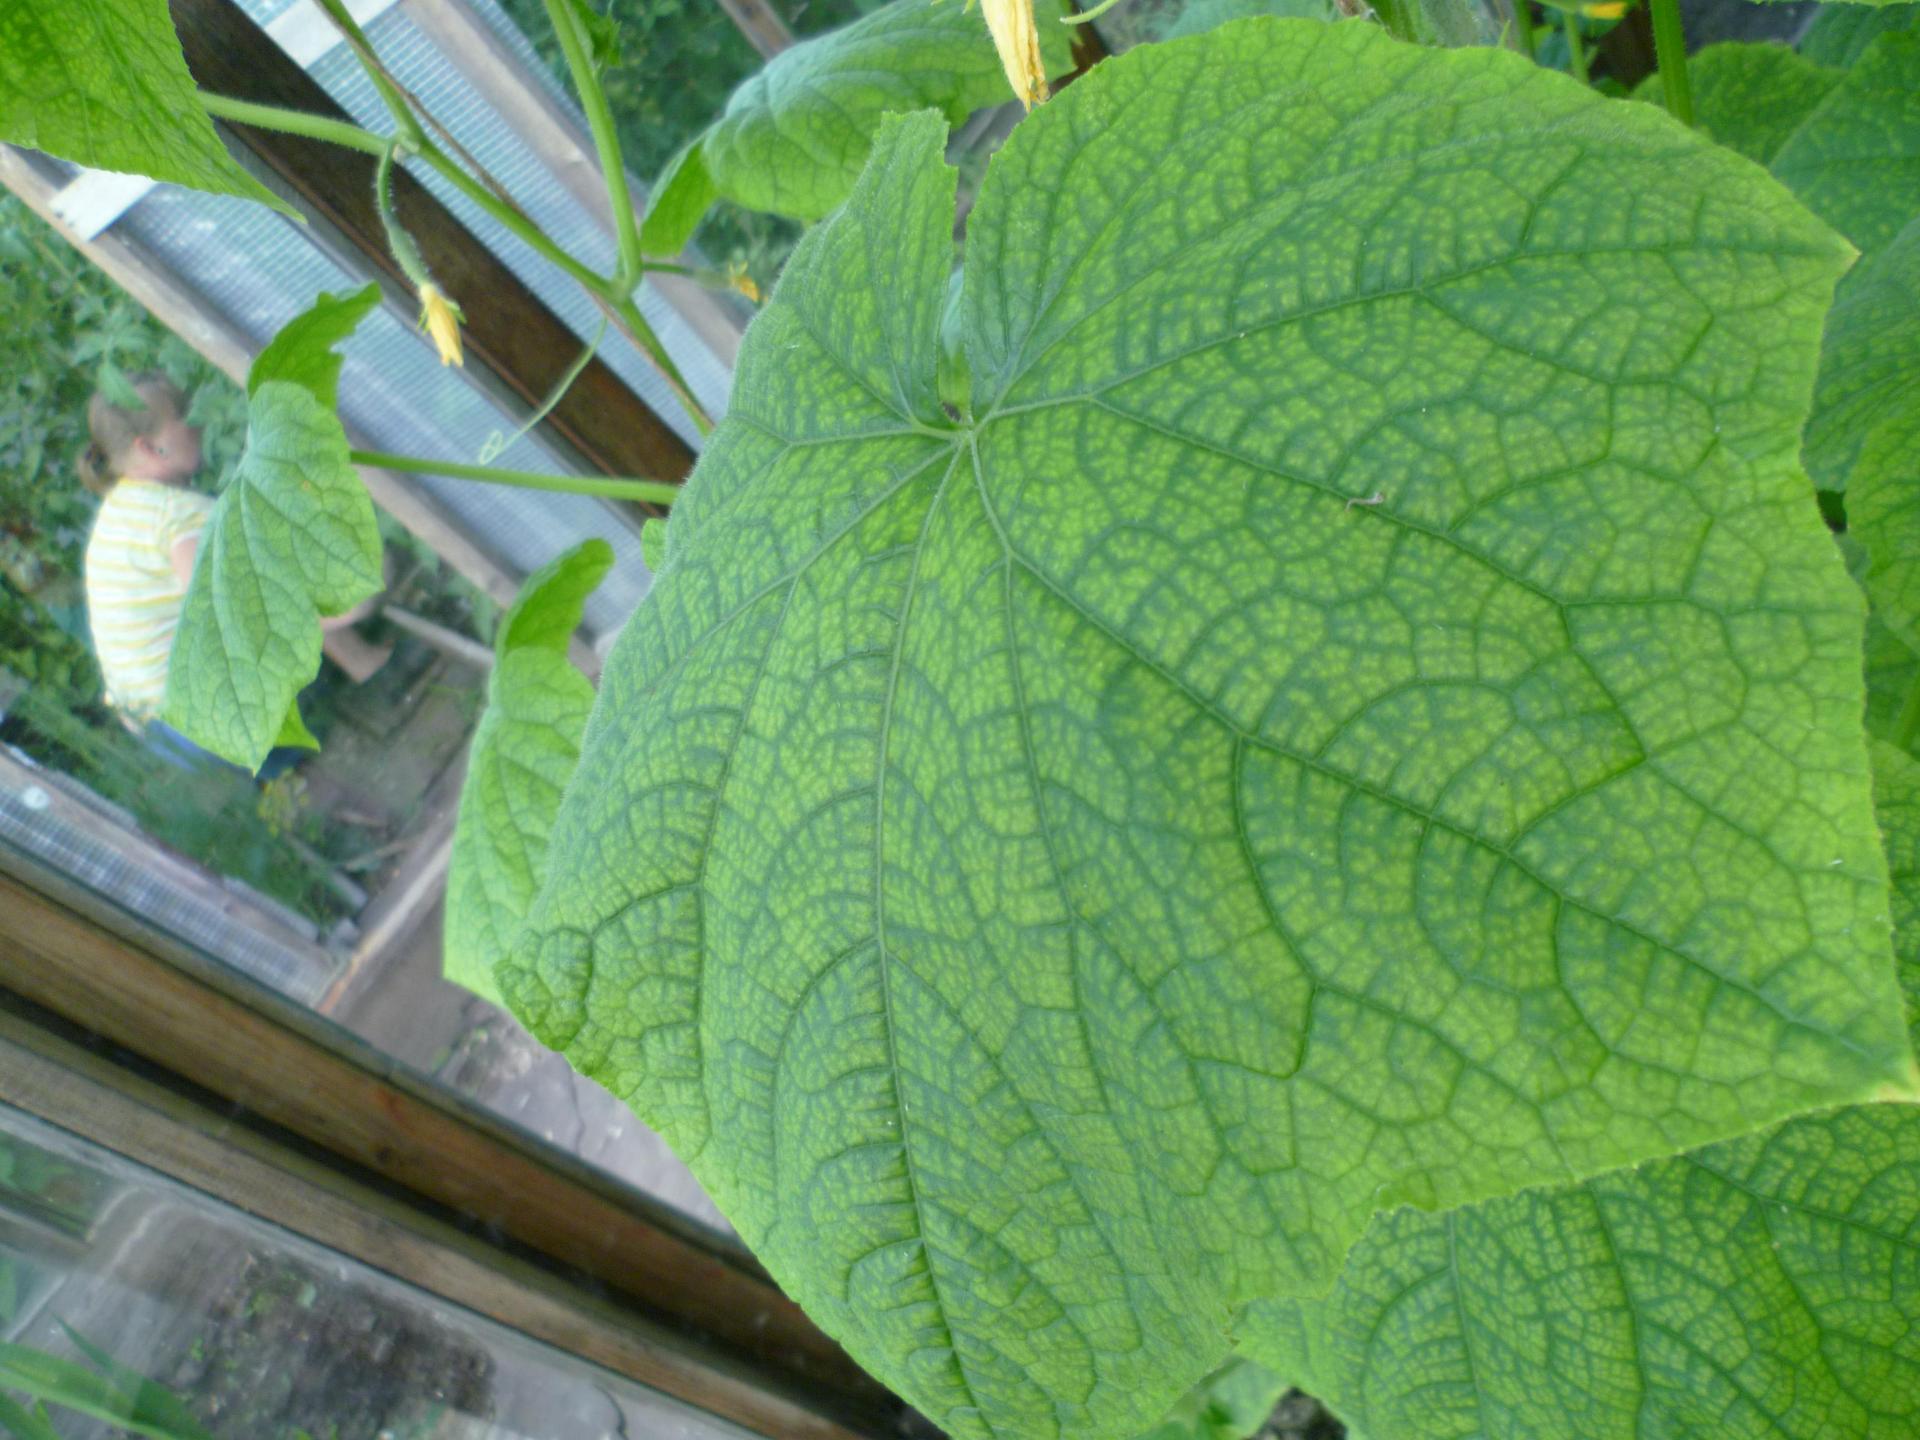 чем подкормить огурцы в теплице когда желтеют листья